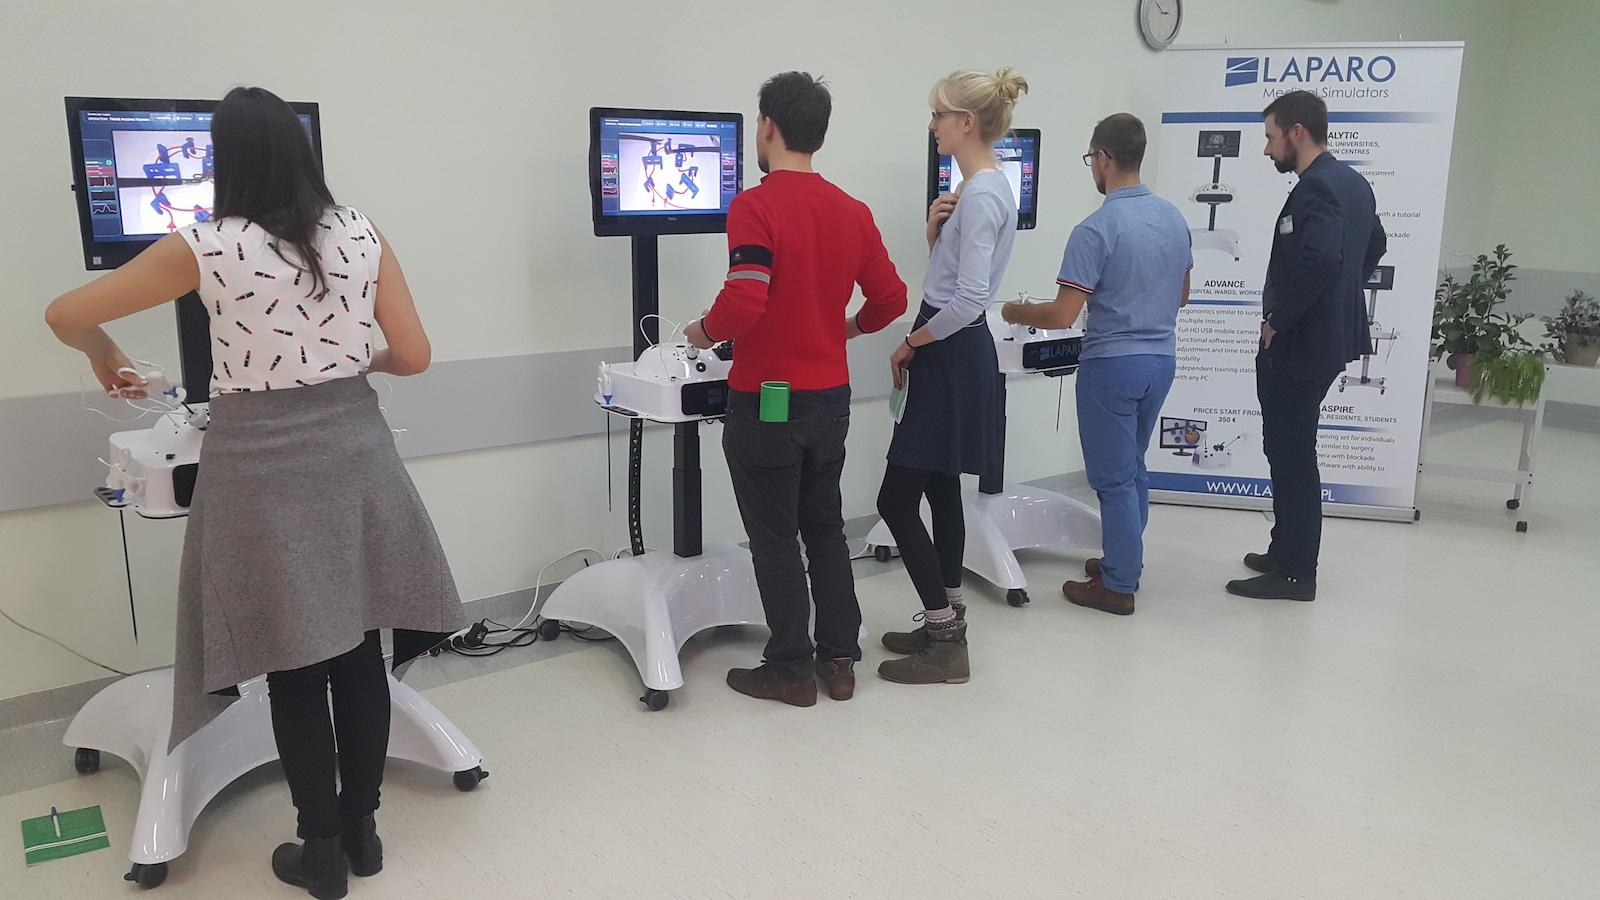 Як польські винахідники змінюють підготовку хірургів симуляторами Laparo